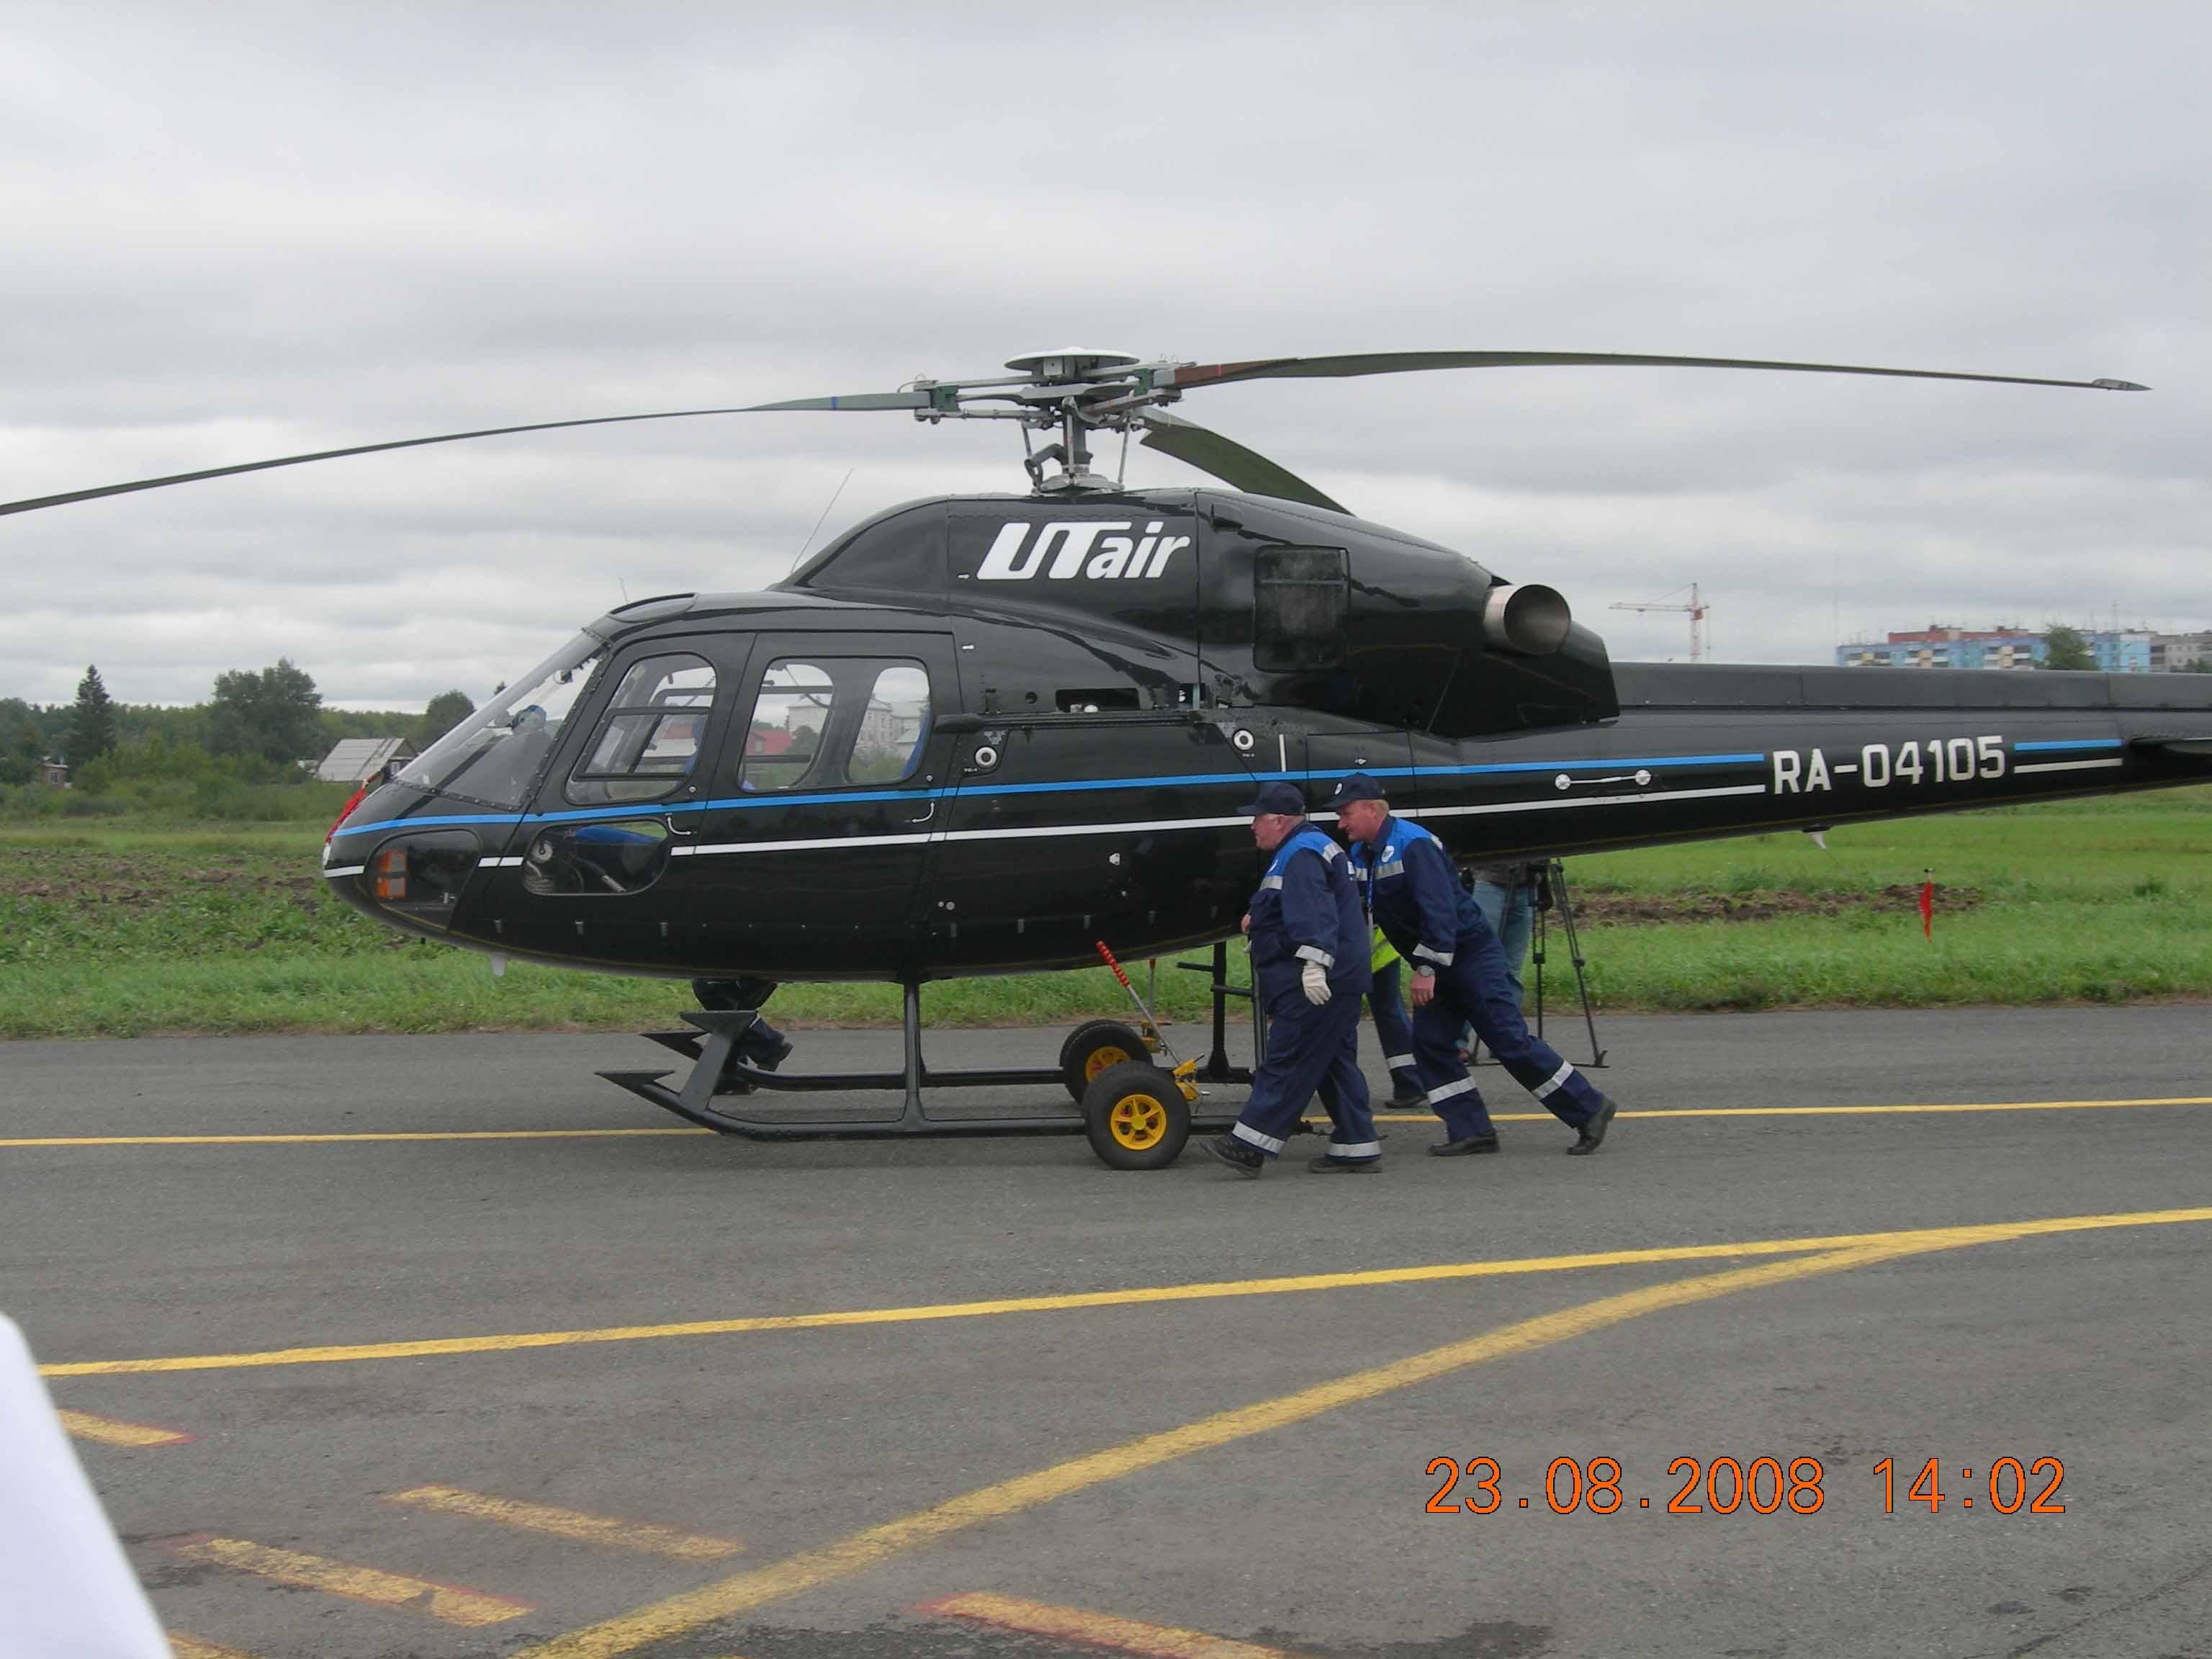 DSCN9255.JPG